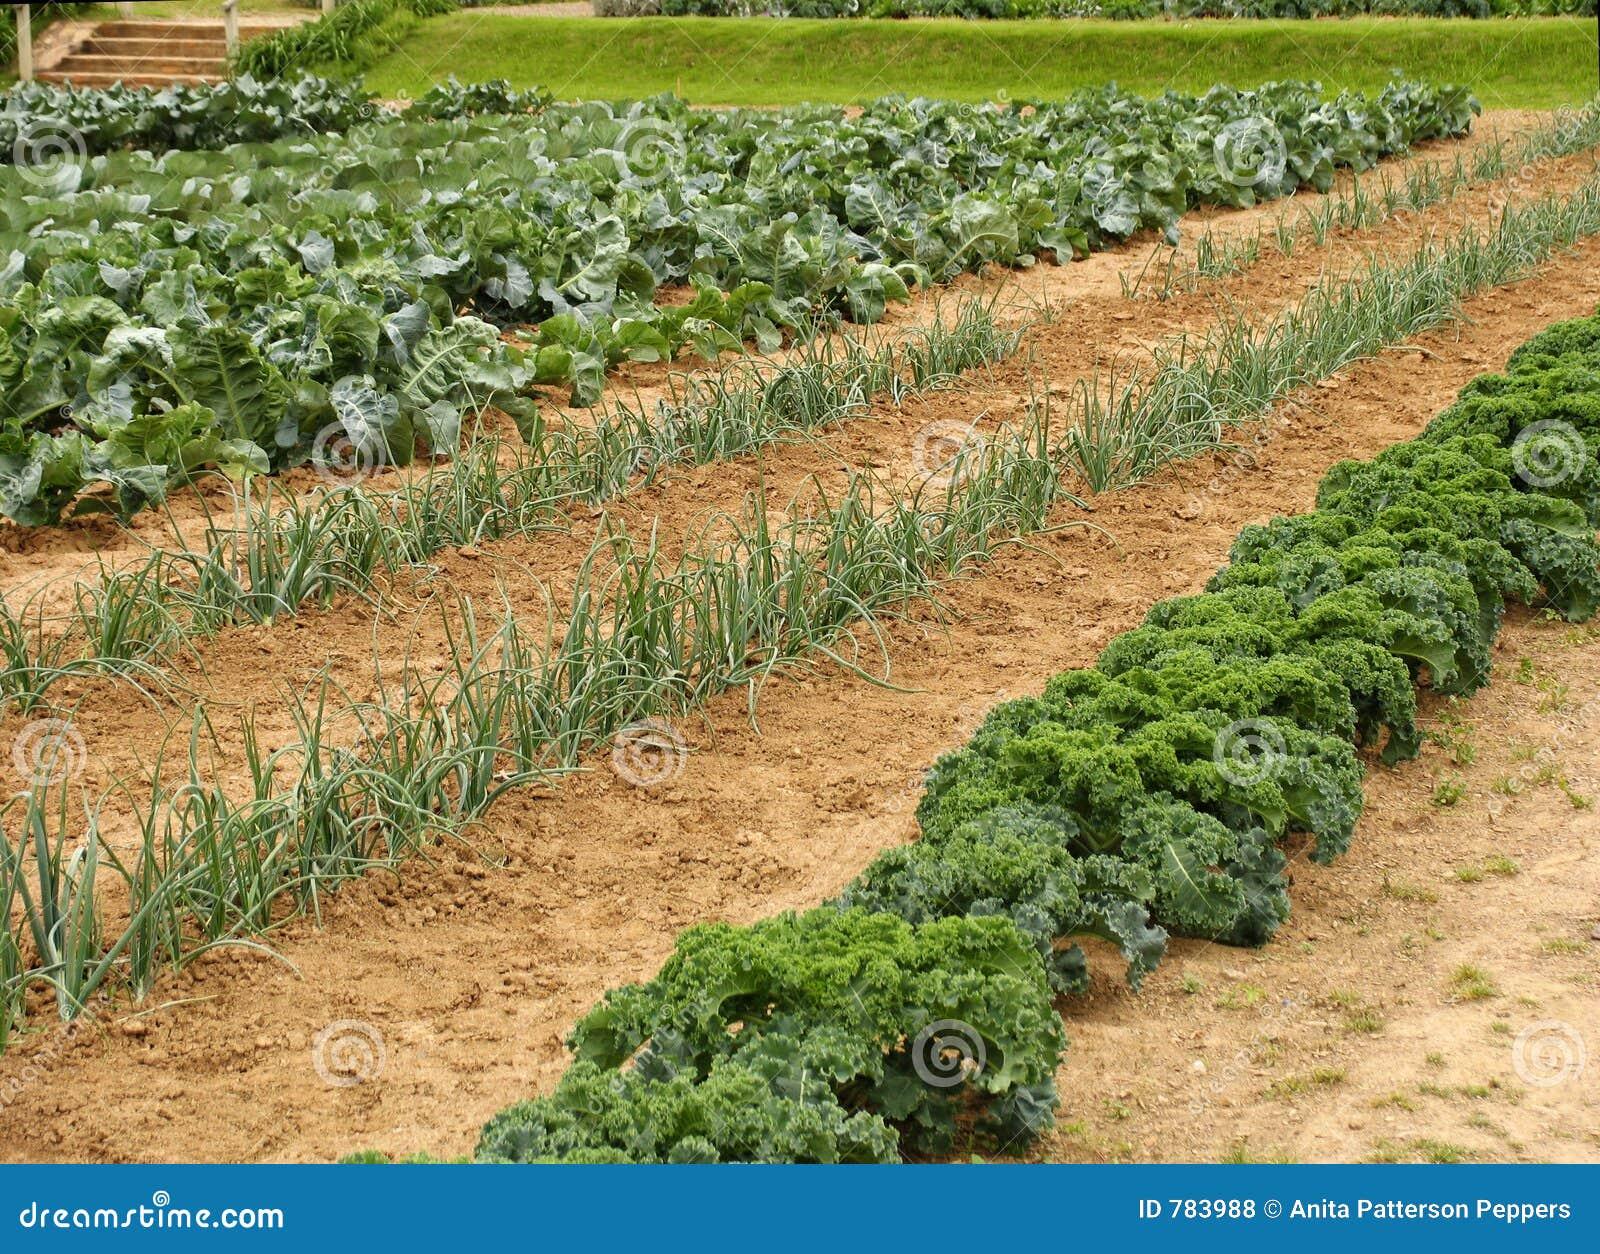 Free stock photo of garden - Vegetable Garden Royalty Free Stock Photos